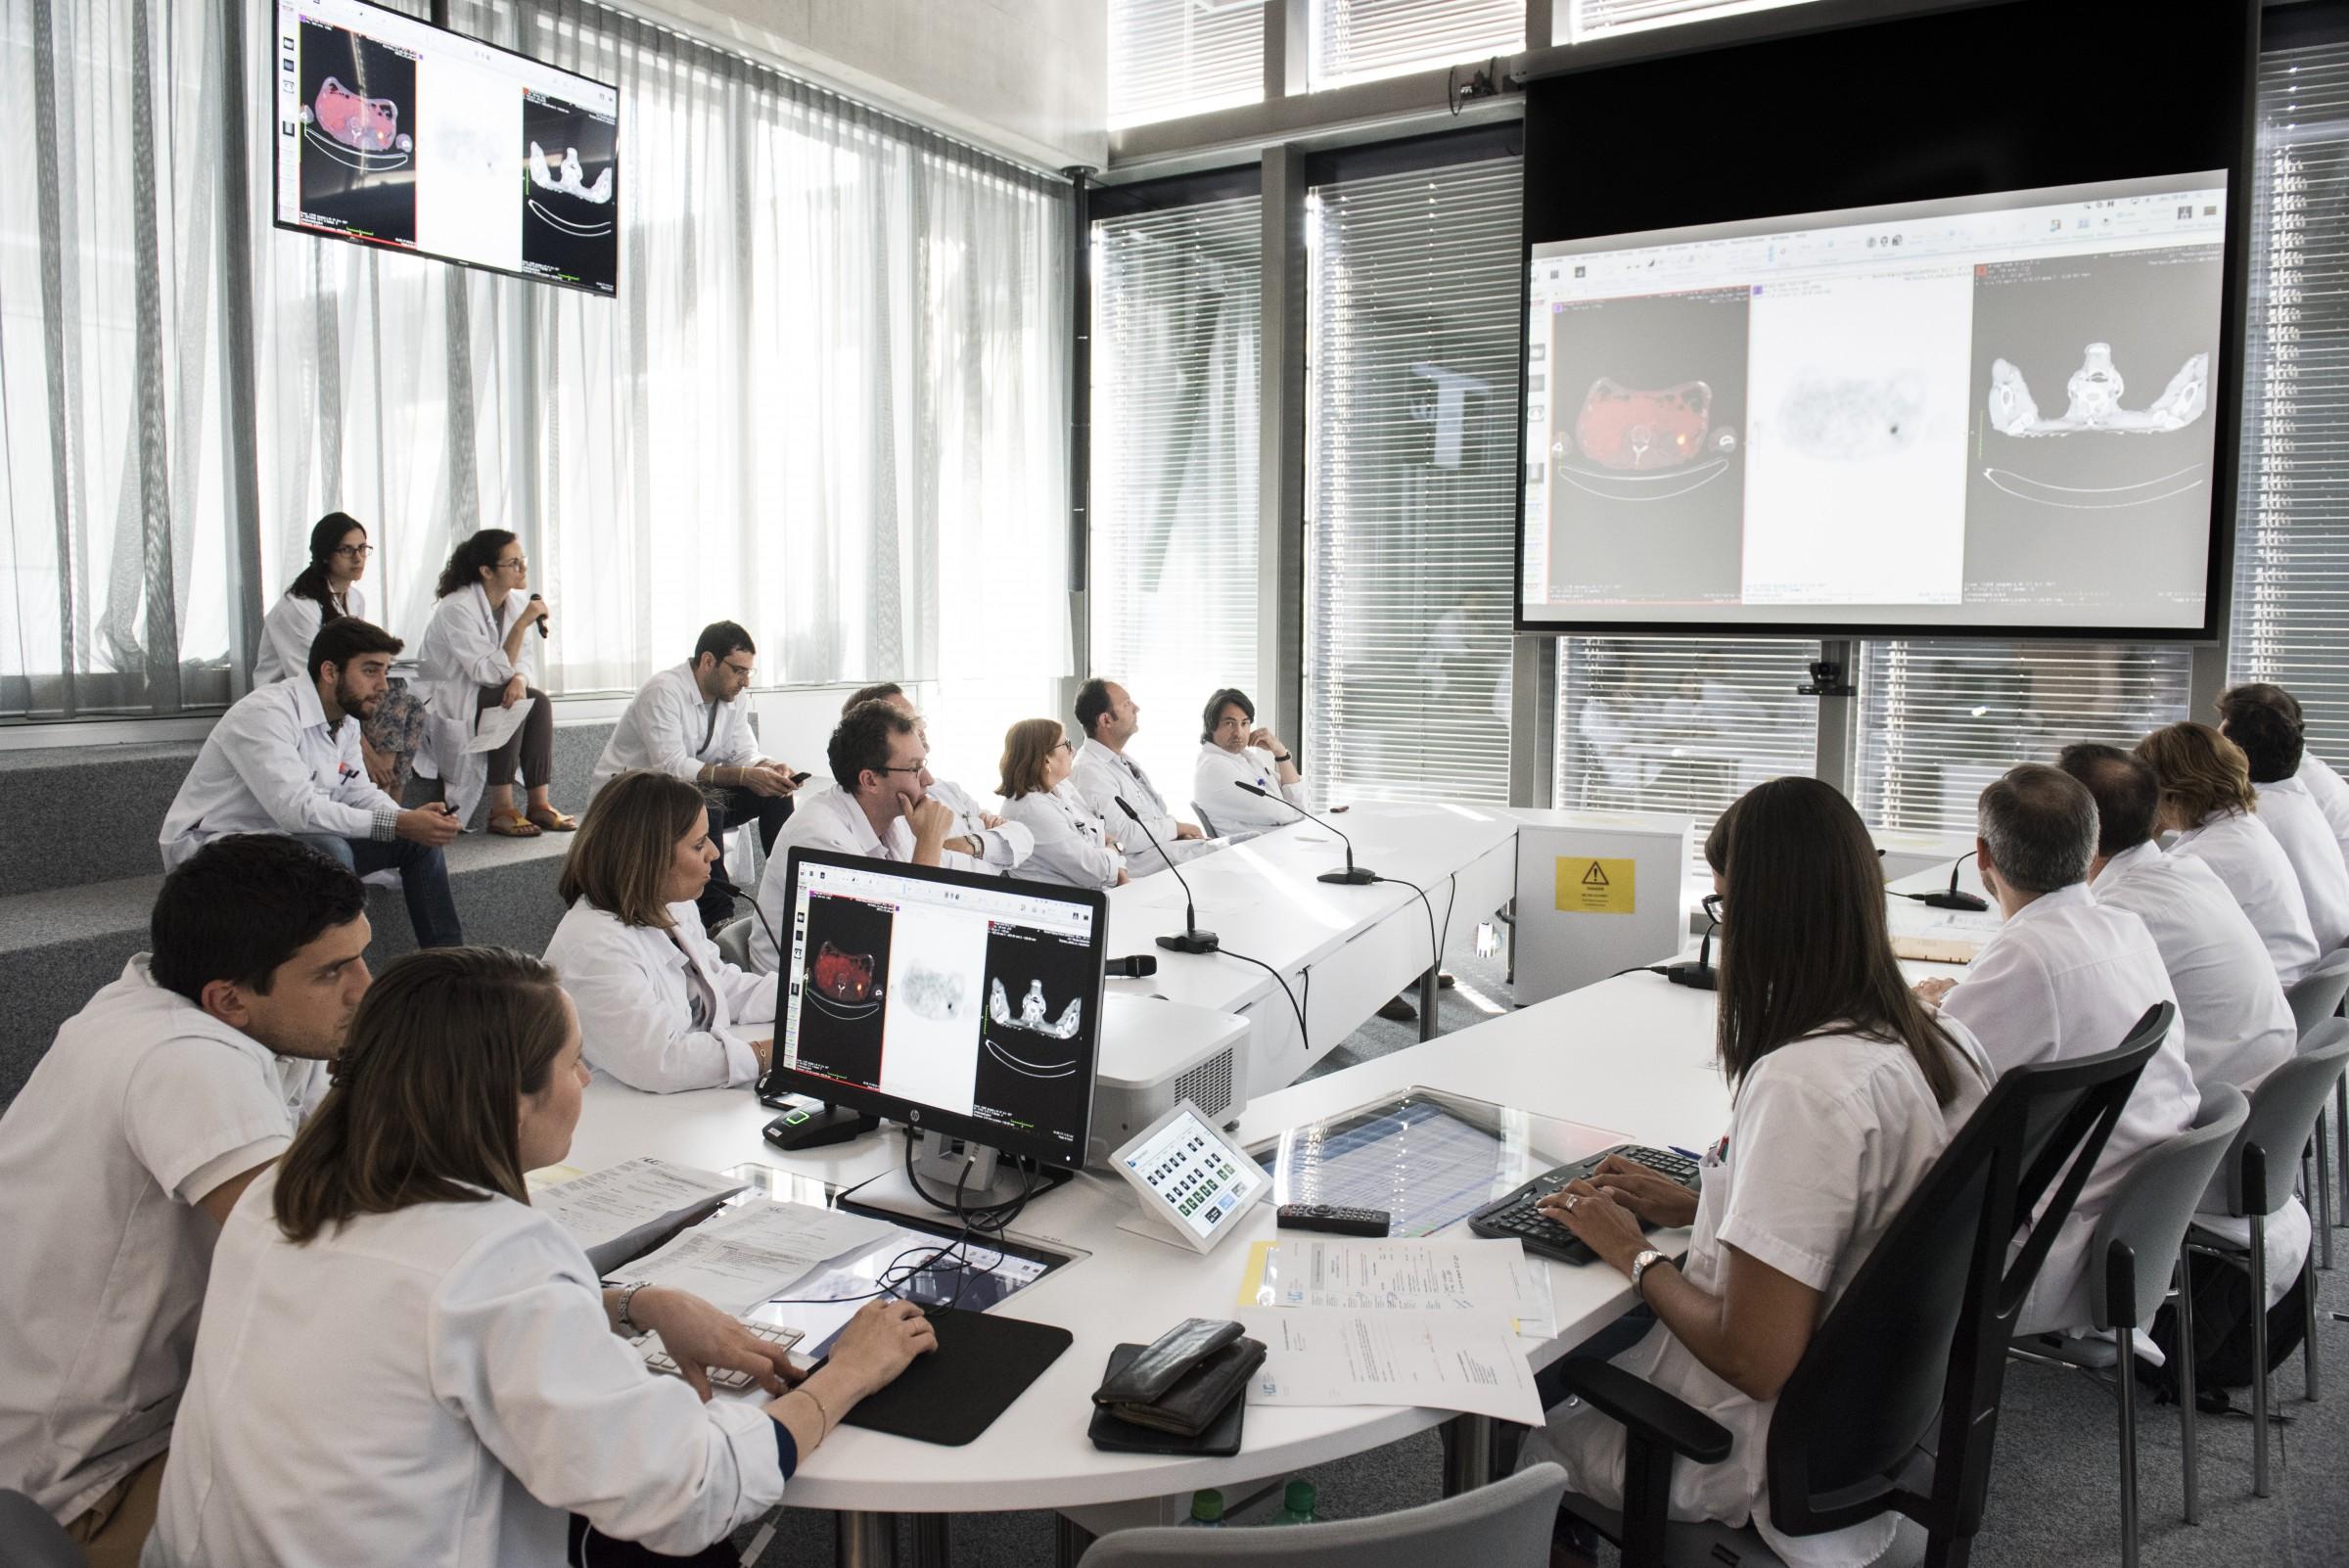 colloques pluridisciplinaires tumor board